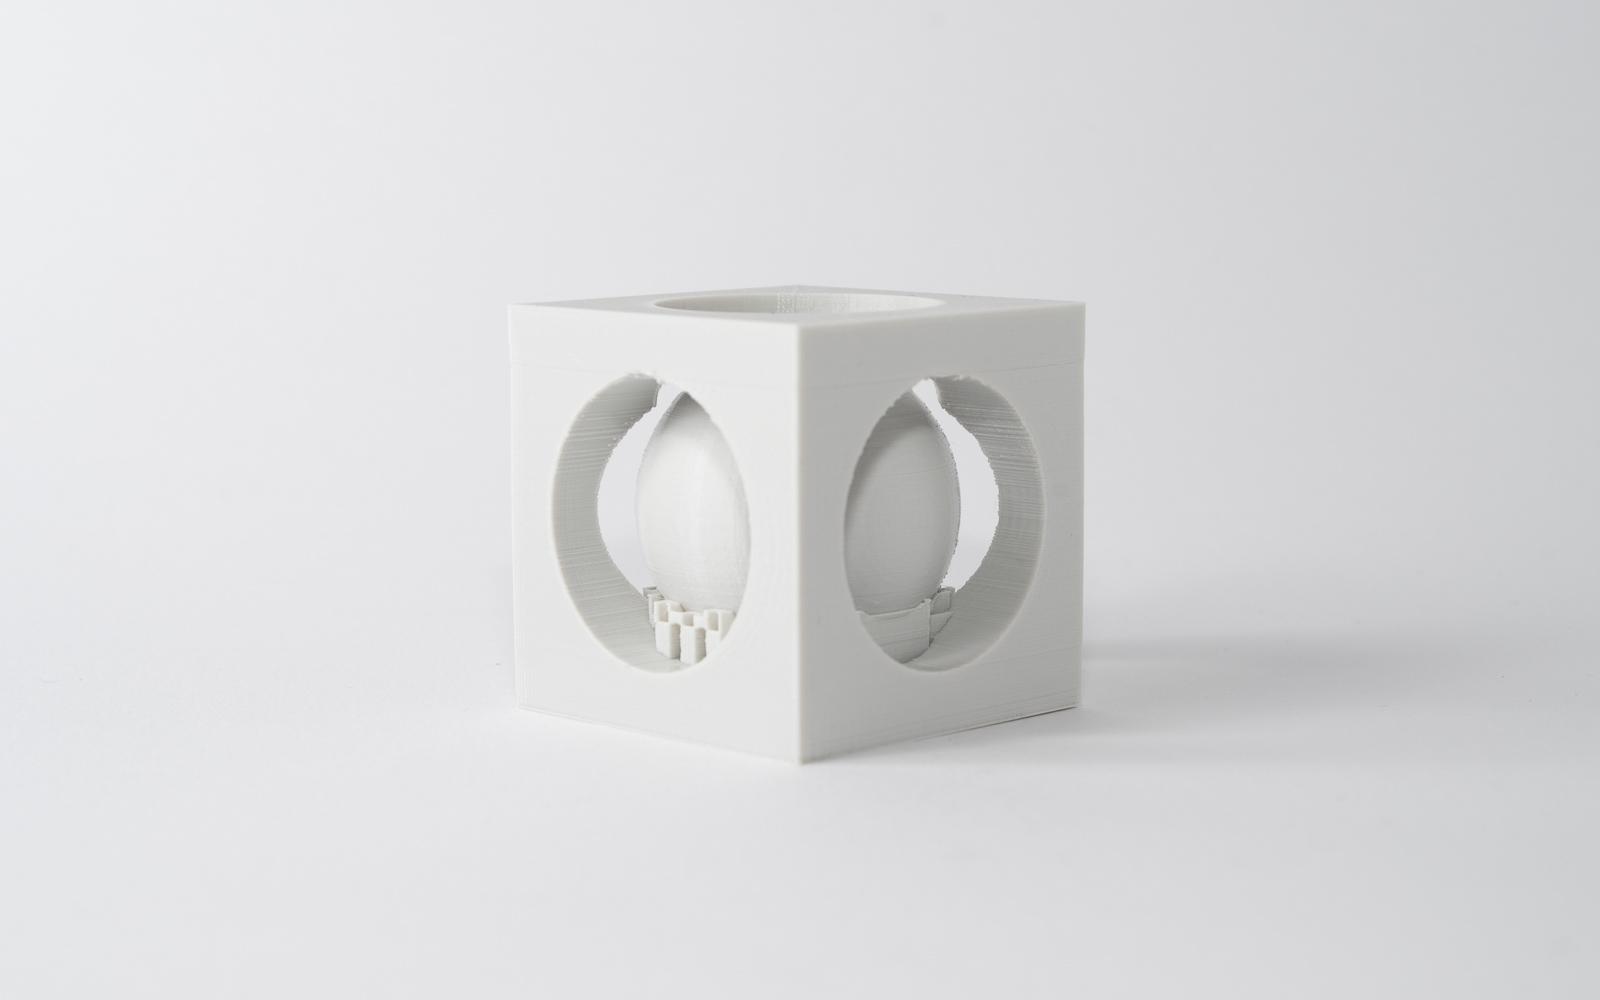 โครงสร้าง Support ในการพิมพ์สามมิติ